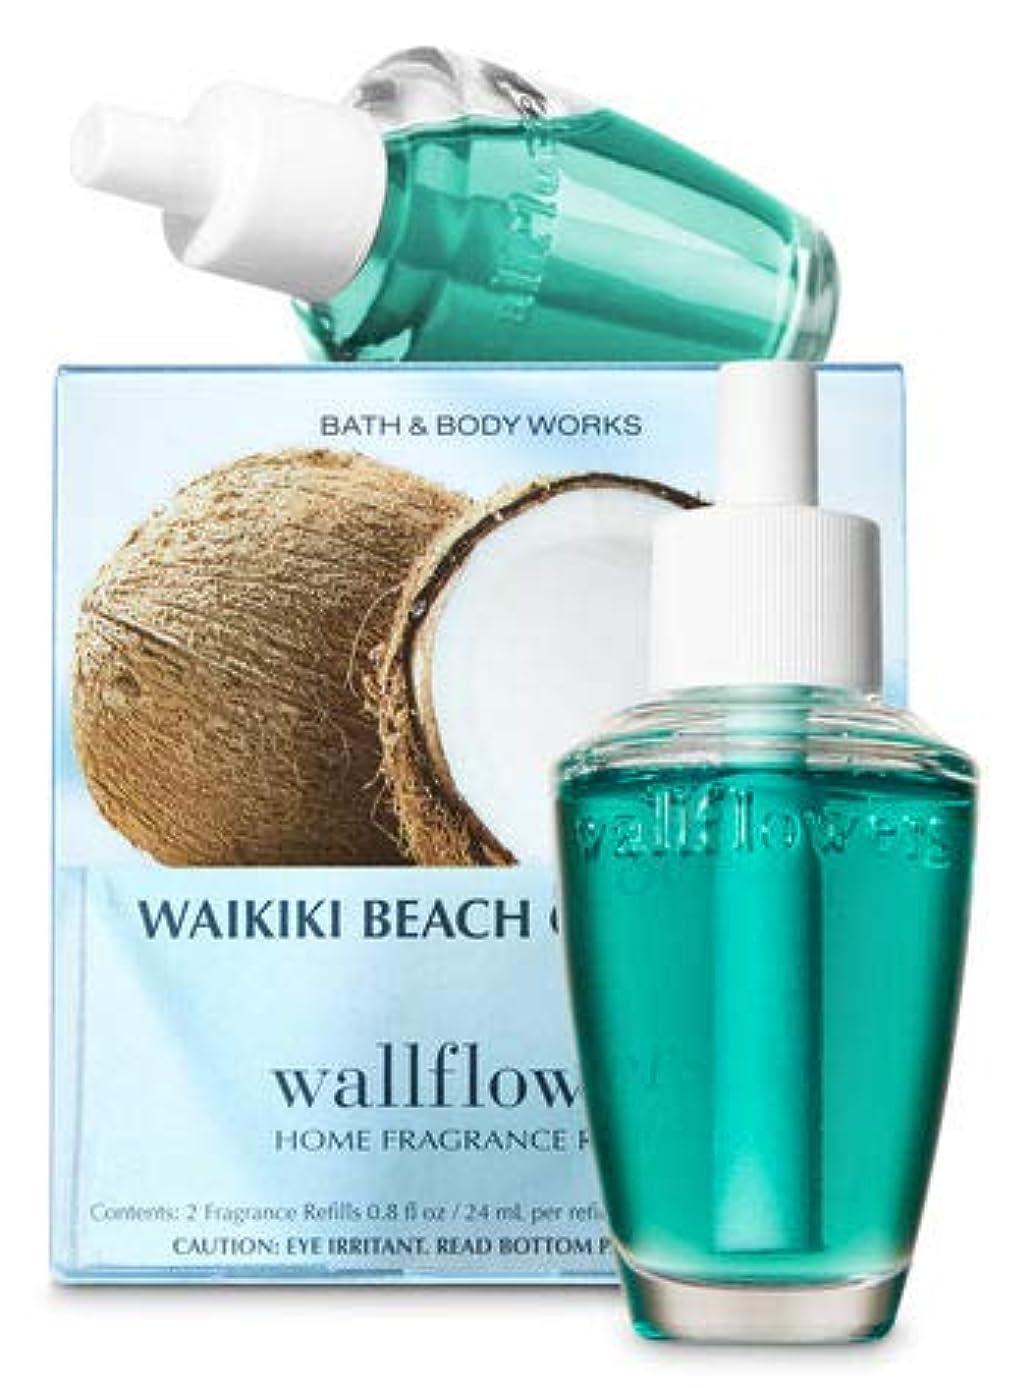 カウボーイ端切断する【Bath&Body Works/バス&ボディワークス】 ルームフレグランス 詰替えリフィル(2個入り) ワイキキビーチココナッツ Wallflowers Home Fragrance 2-Pack Refills Waikiki Beach Coconut [並行輸入品]